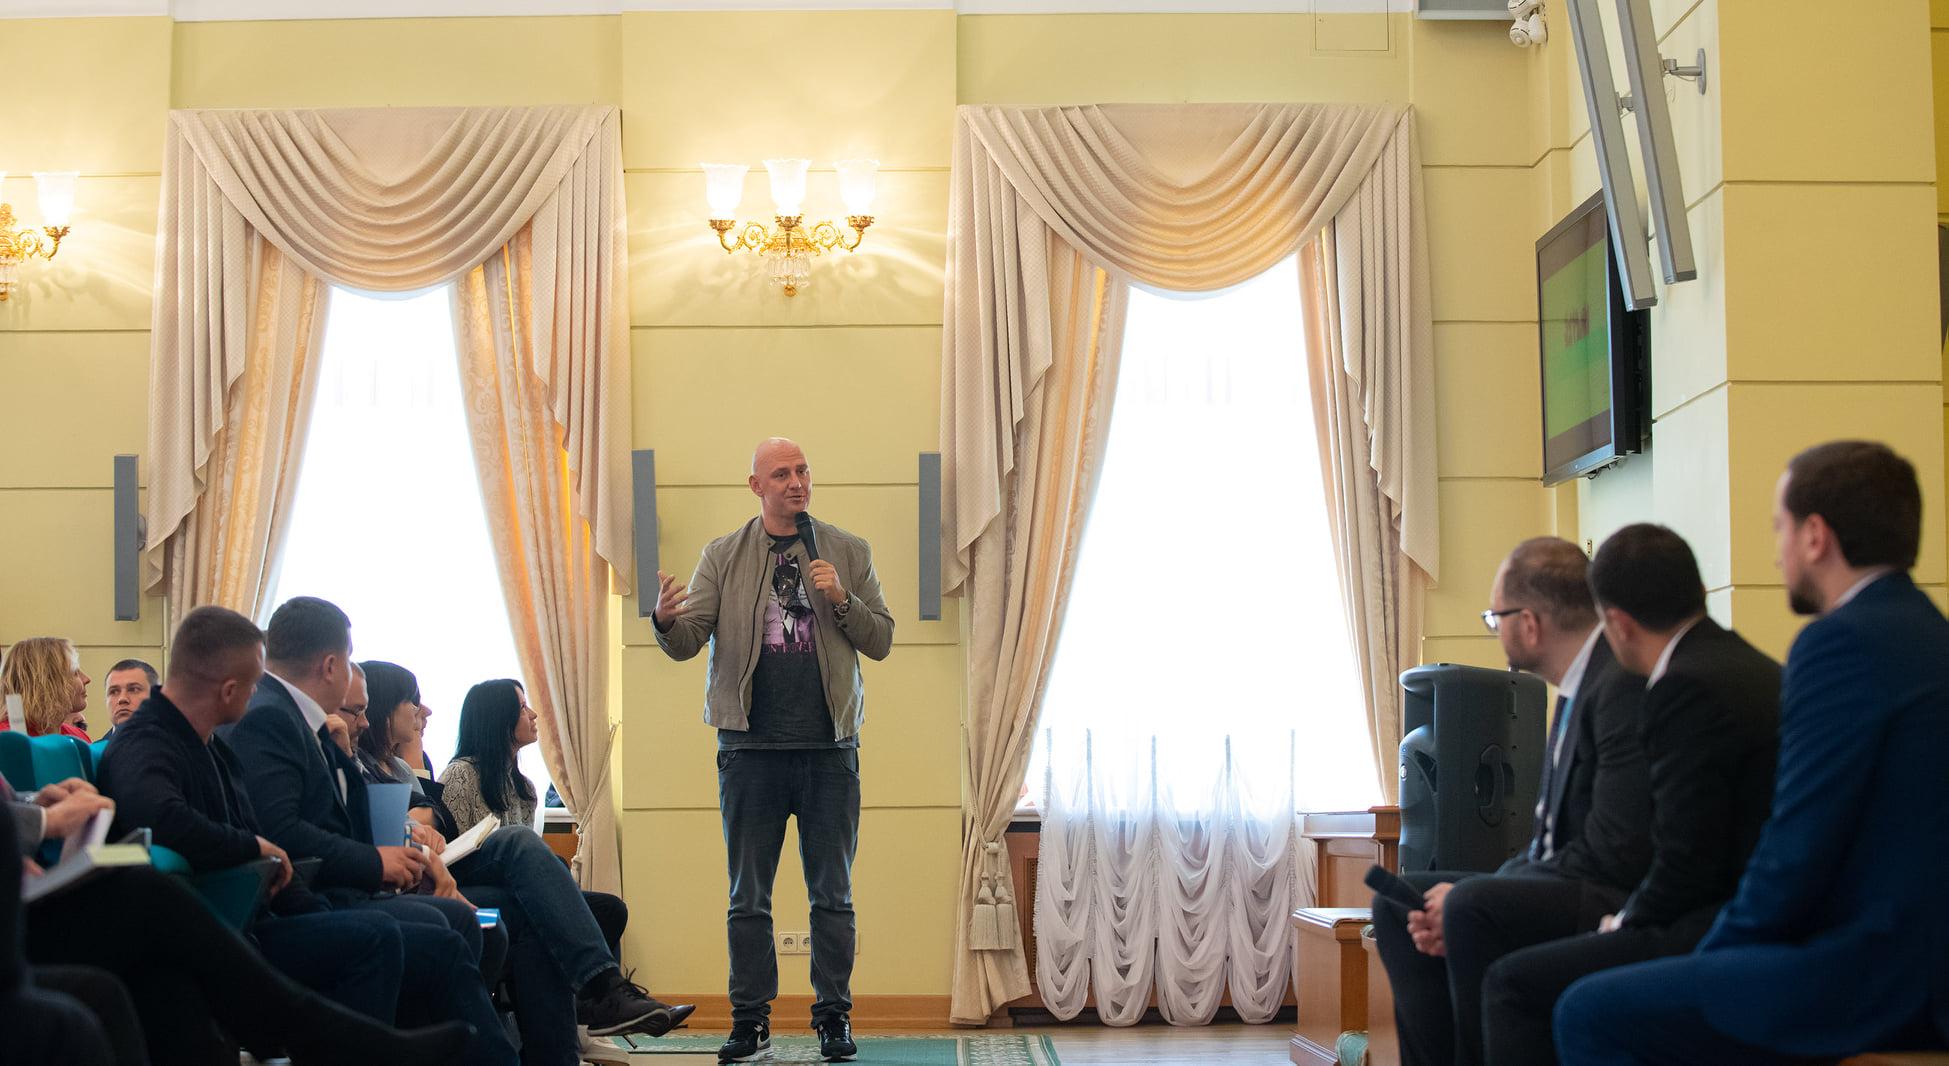 Зеленский встретился со звездами шоу-бизнеса ради важного дела (фото)